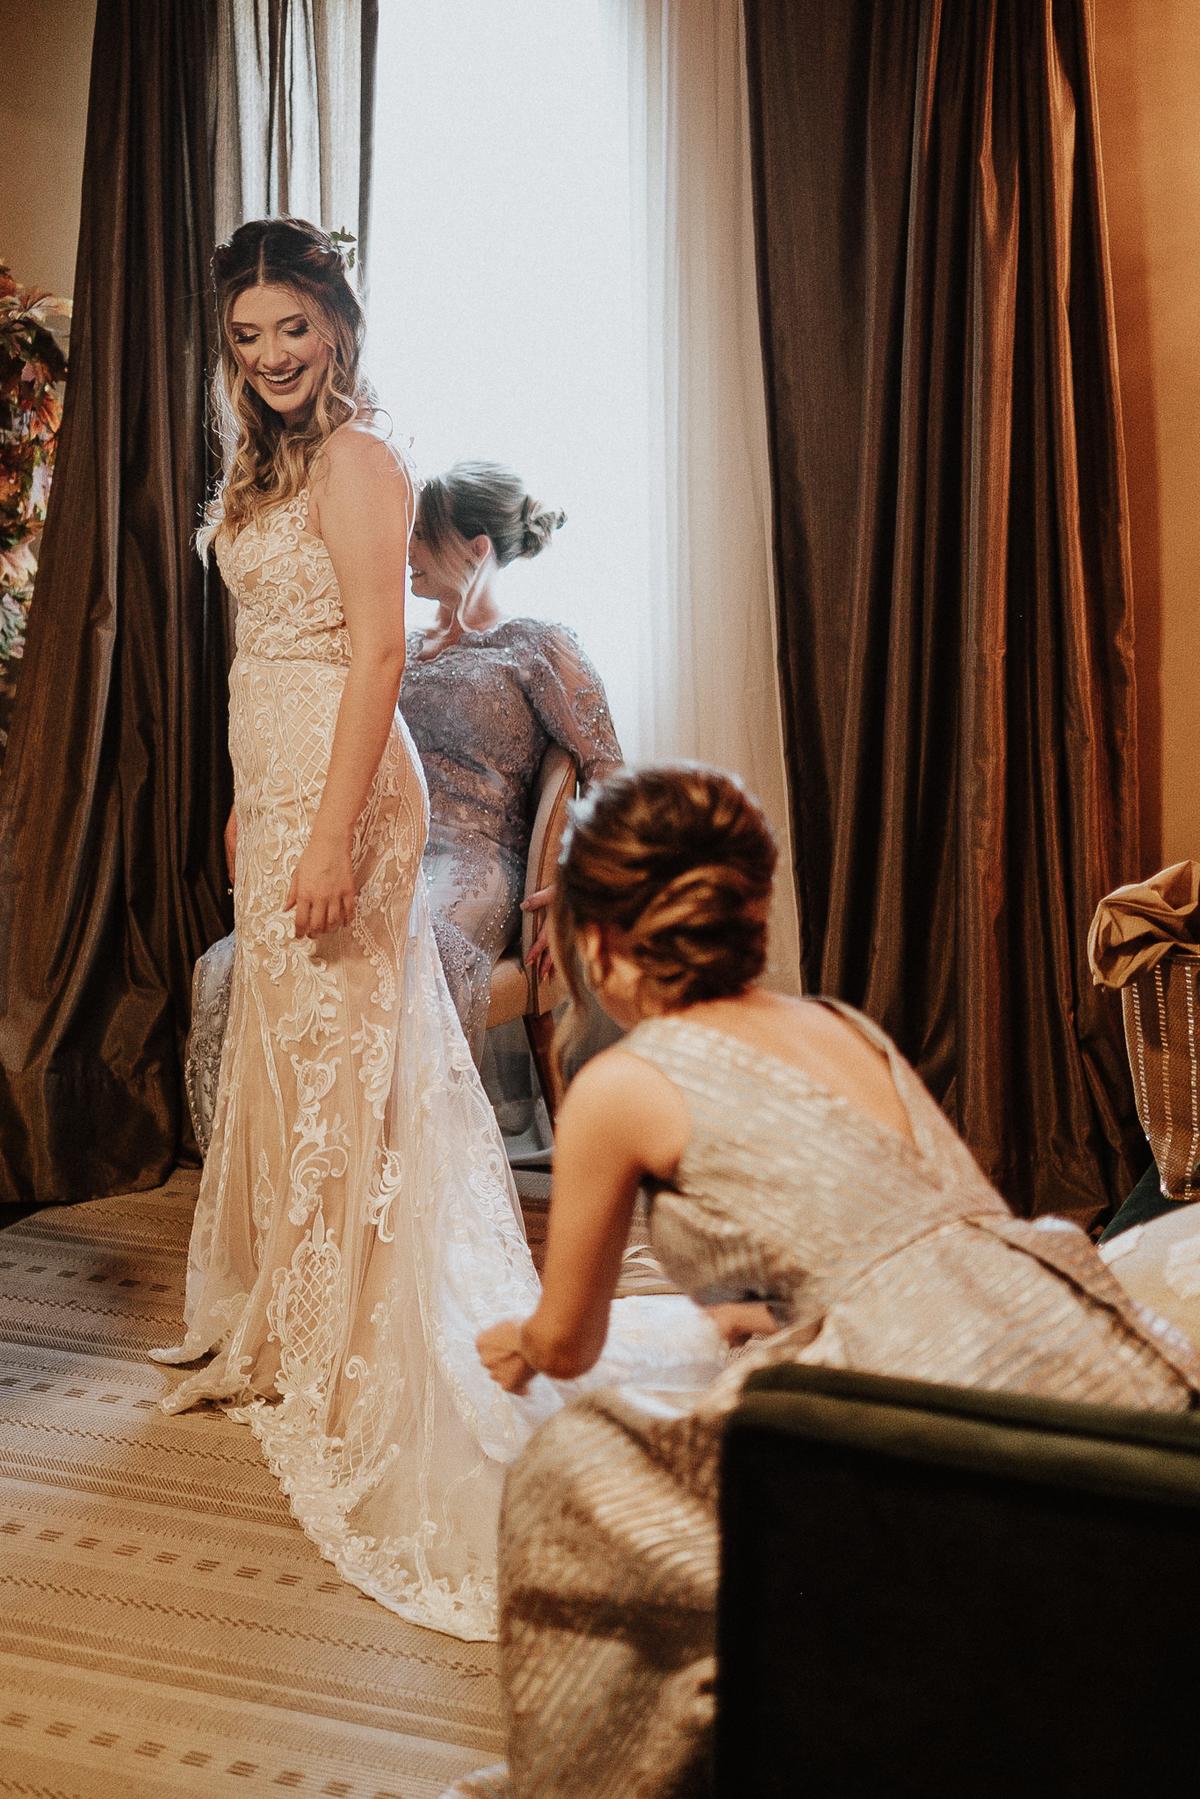 elopement casamentos no campo casar de dia fotografos de casamento vestidos de noiva